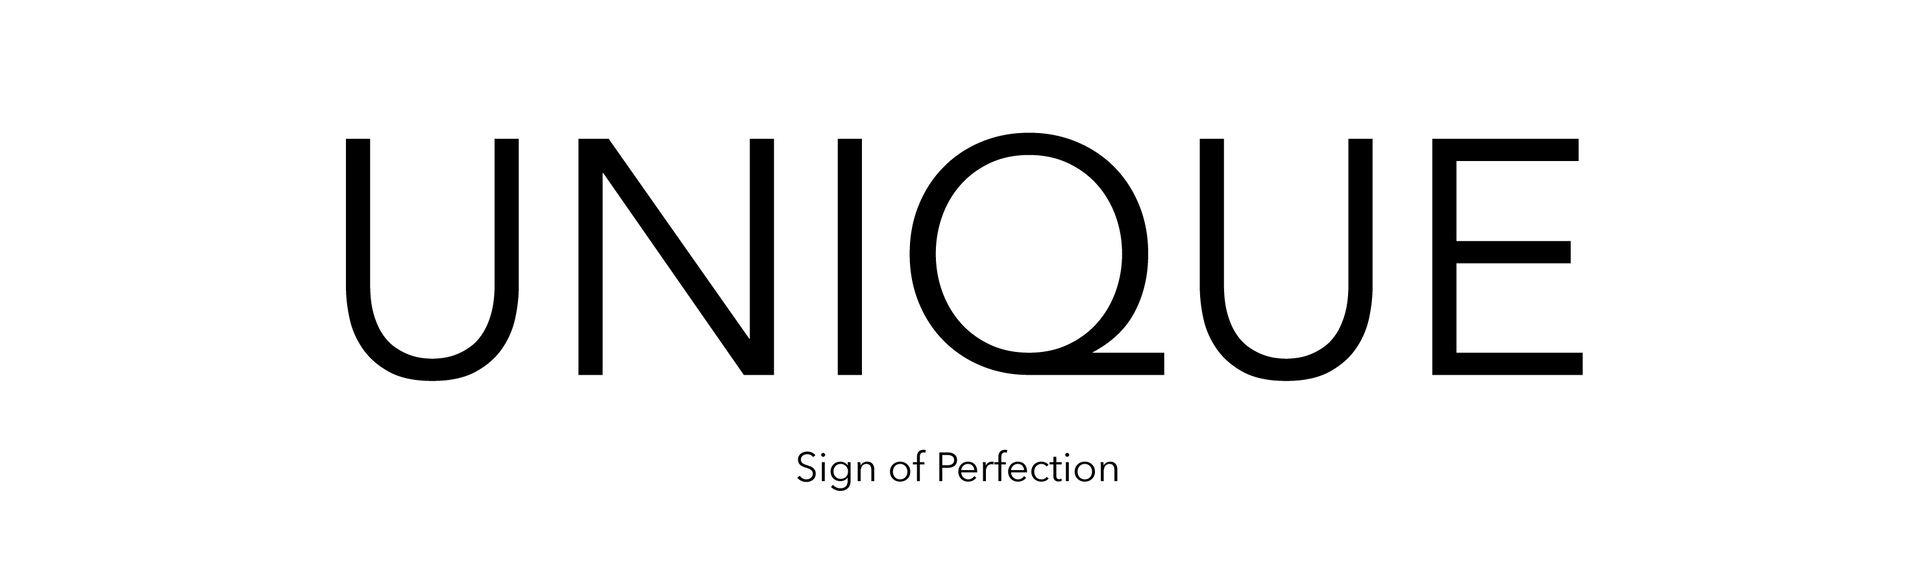 Unique-Collection-1.jpg